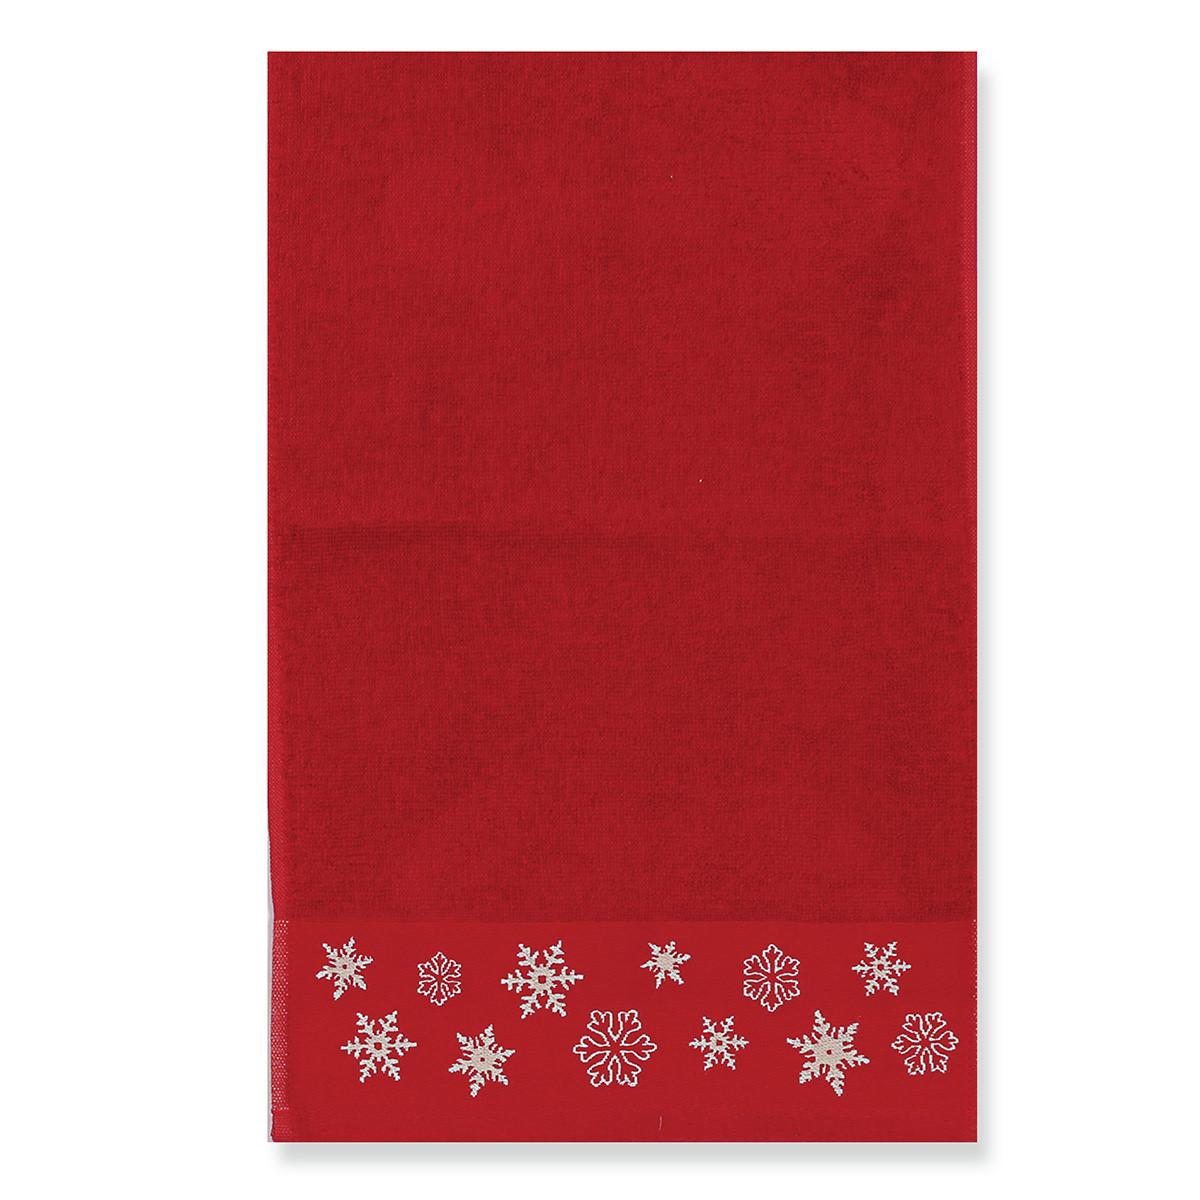 Χριστουγεννιάτικες Πετσέτες (Σετ 2τμχ) Nef-Nef Miracle home   χριστουγεννιάτικα   χριστουγεννιάτικα είδη μπάνιου